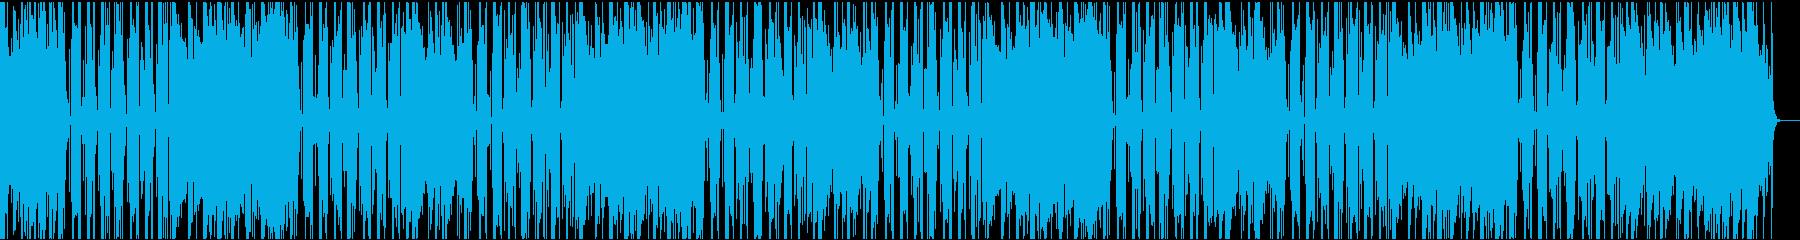 ゆったりコミカル/カラオケ/イントロ8秒の再生済みの波形